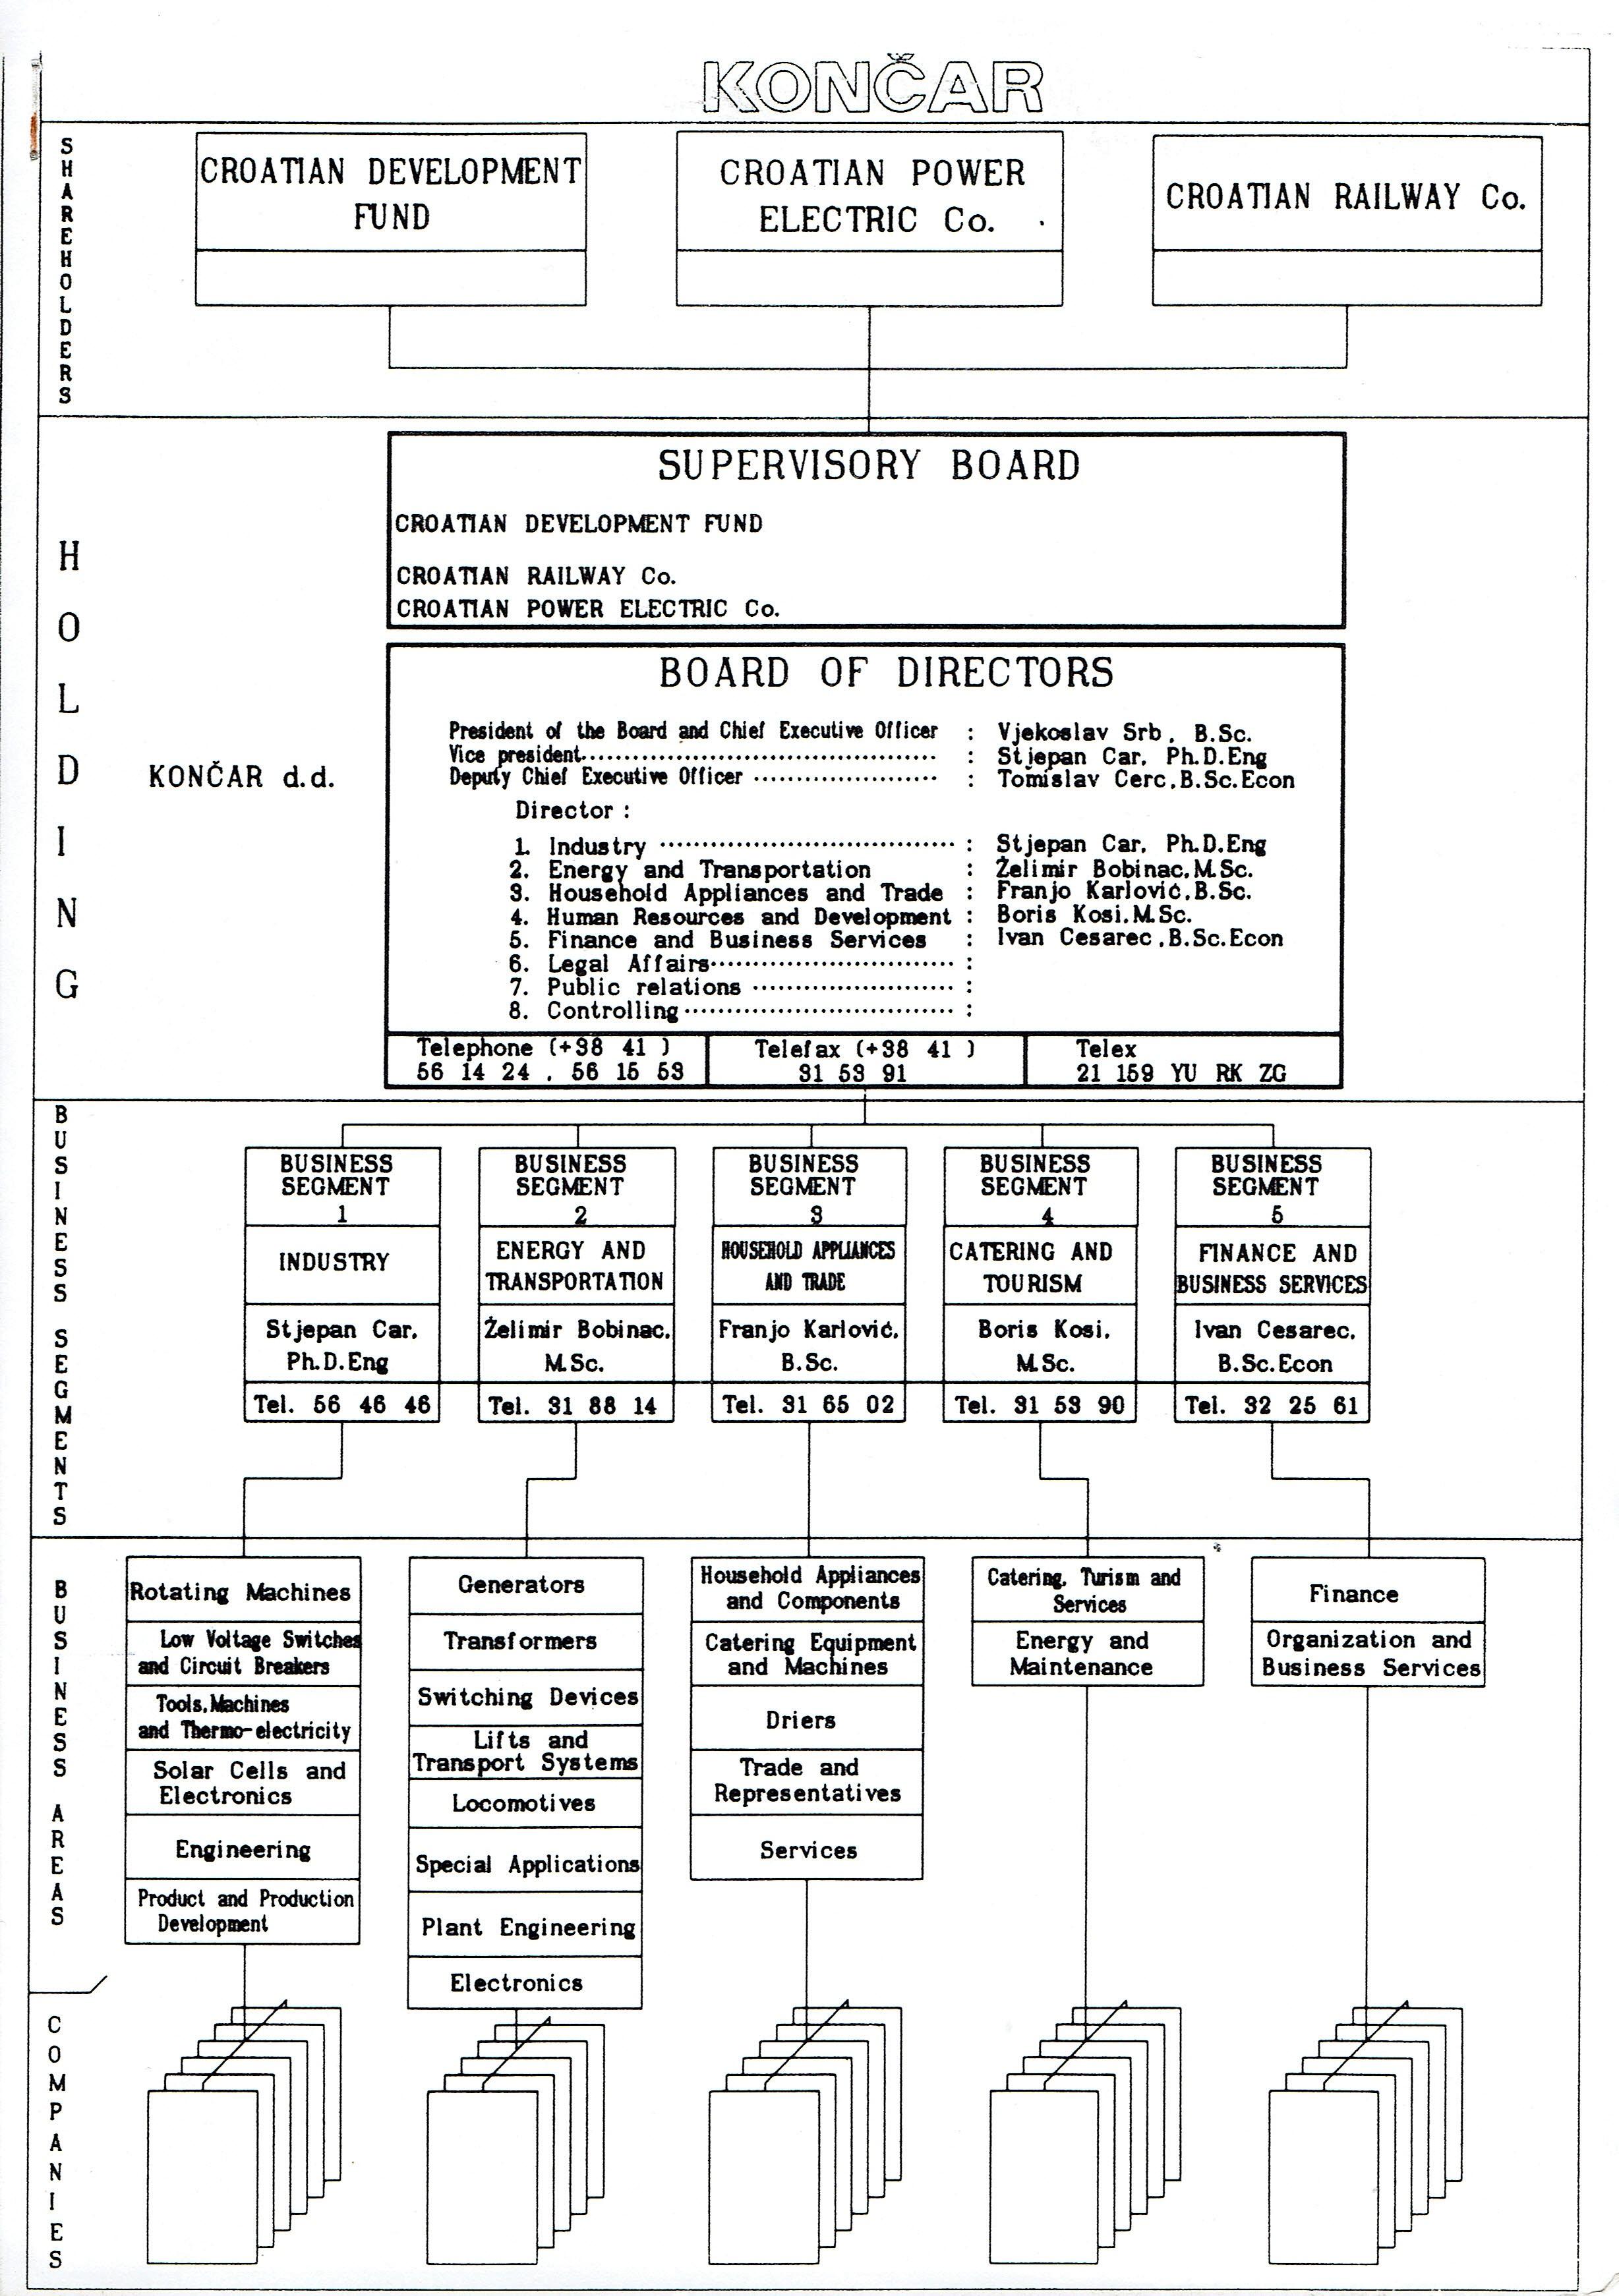 KONČAR-ORGANIZACIJA-1991.31072017